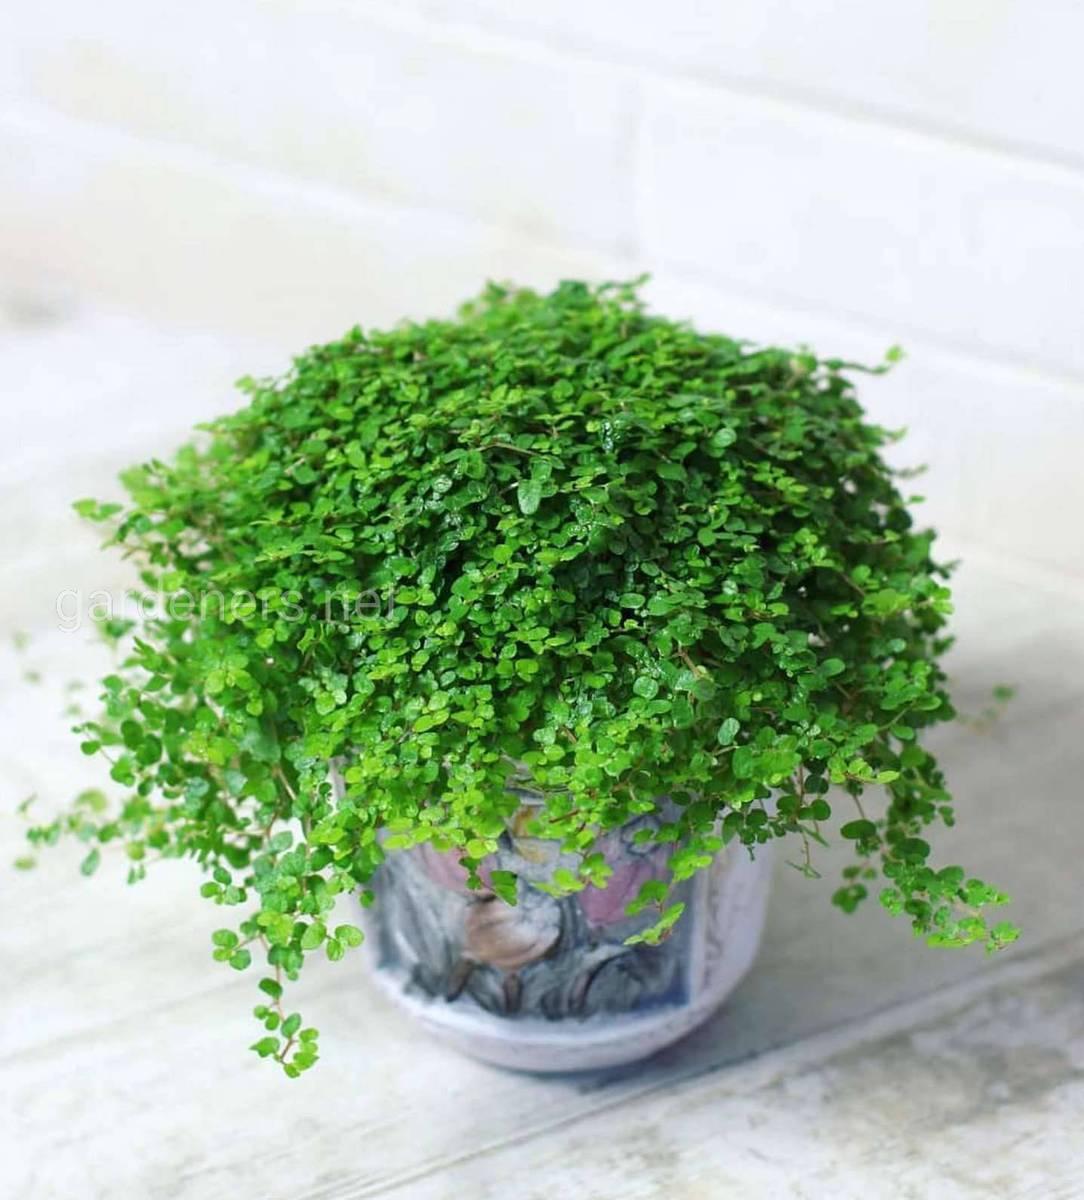 Комнатное растение солейролия (гелксина): уход в домашних условиях